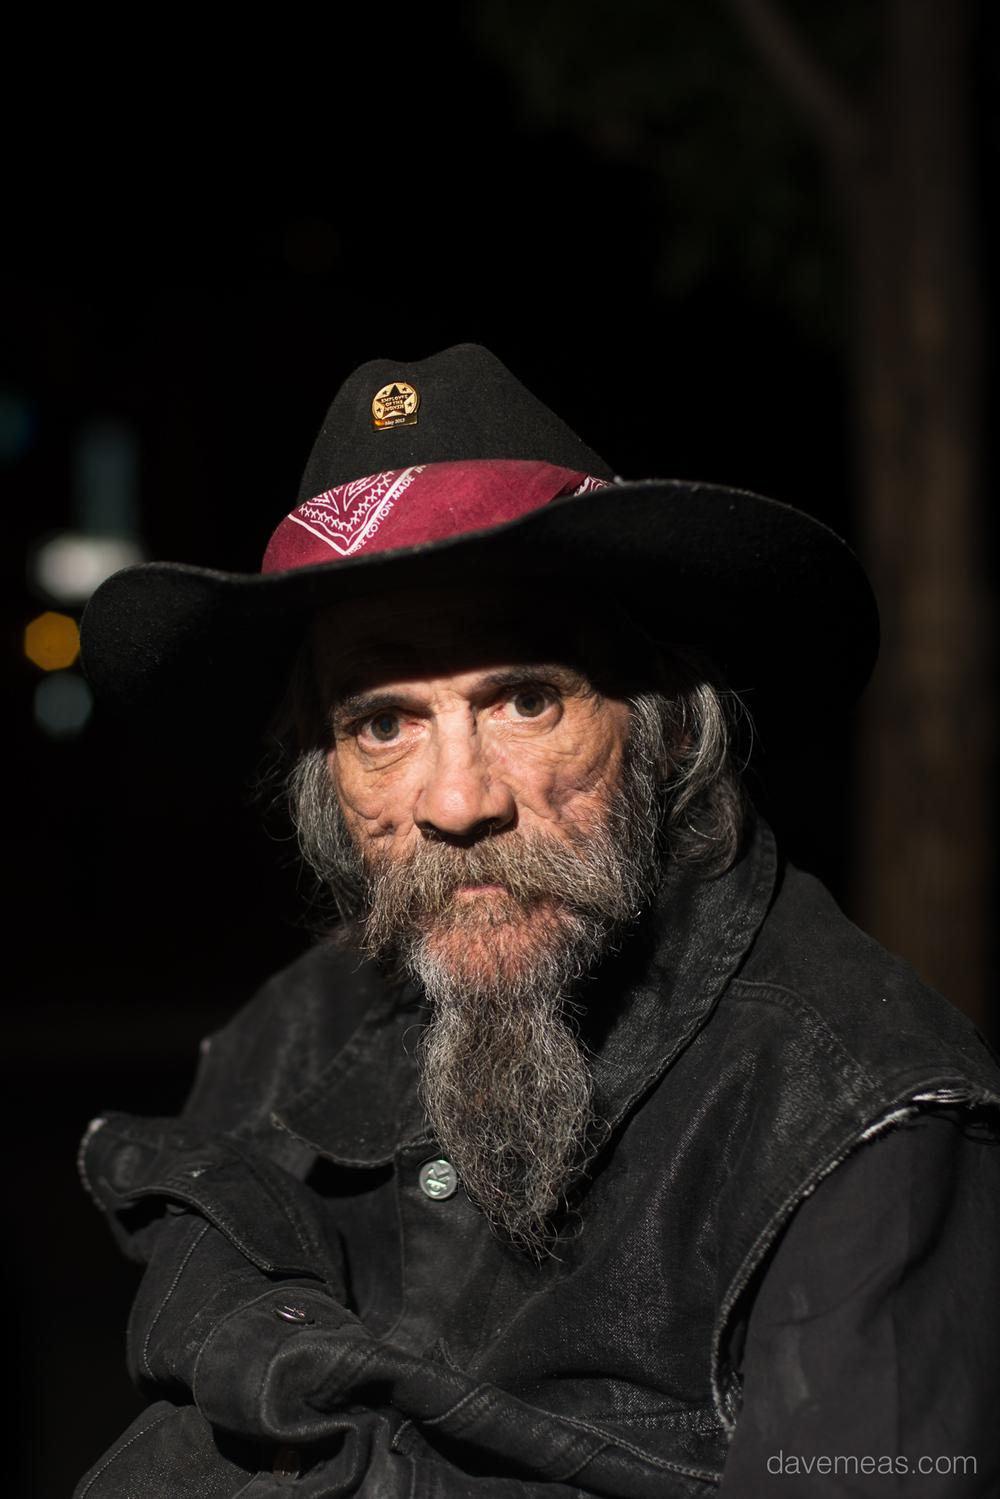 Homeless Man -Denver, Colorado.